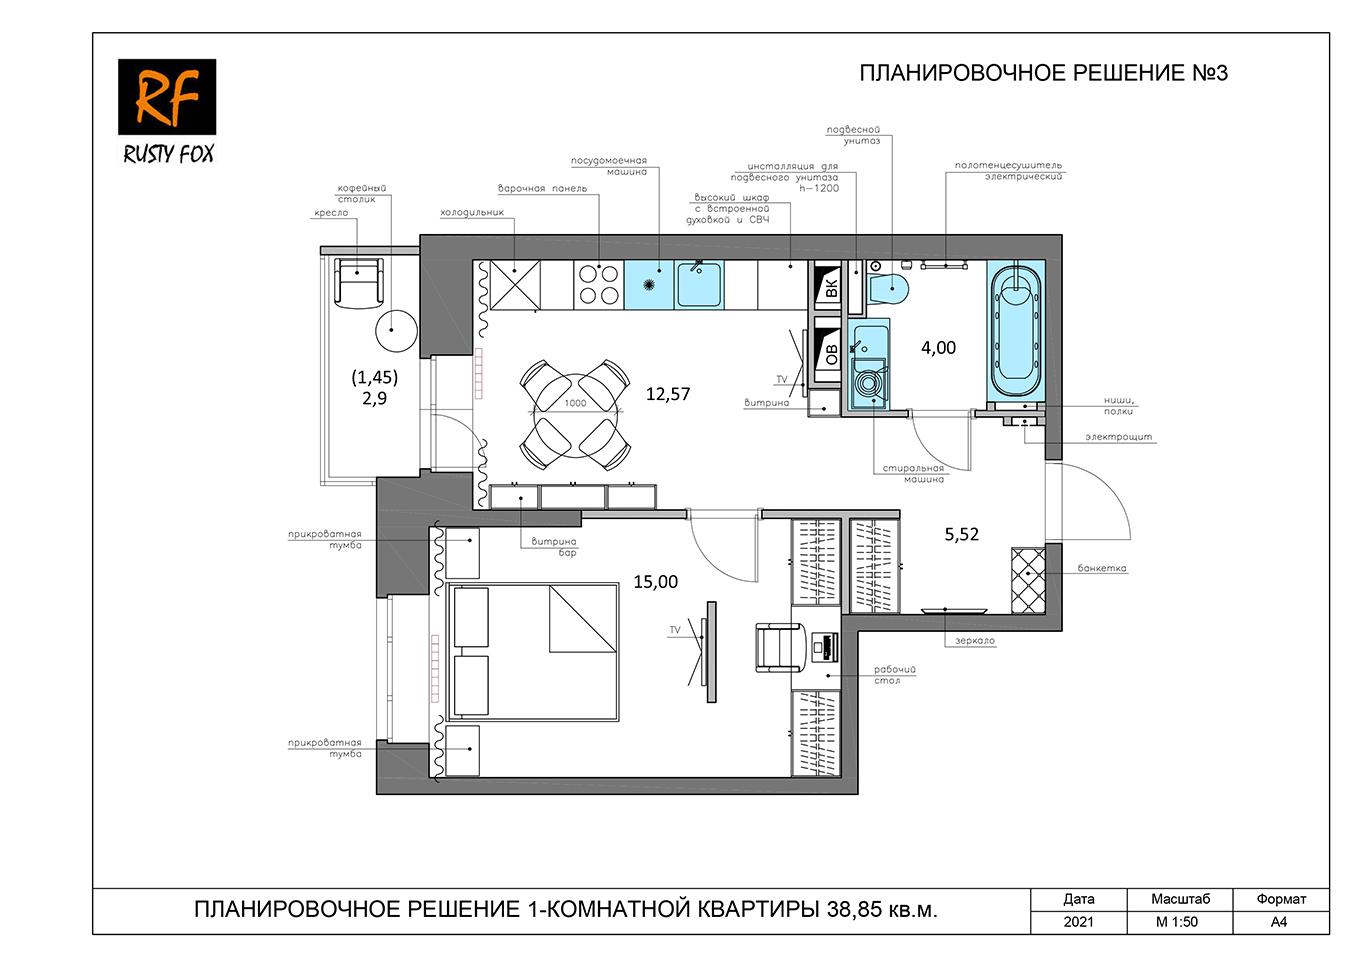 ЖК Люберцы корпус 54. 1-комнатная квартира левая 38,85 кв.м. Планировочное решение №3